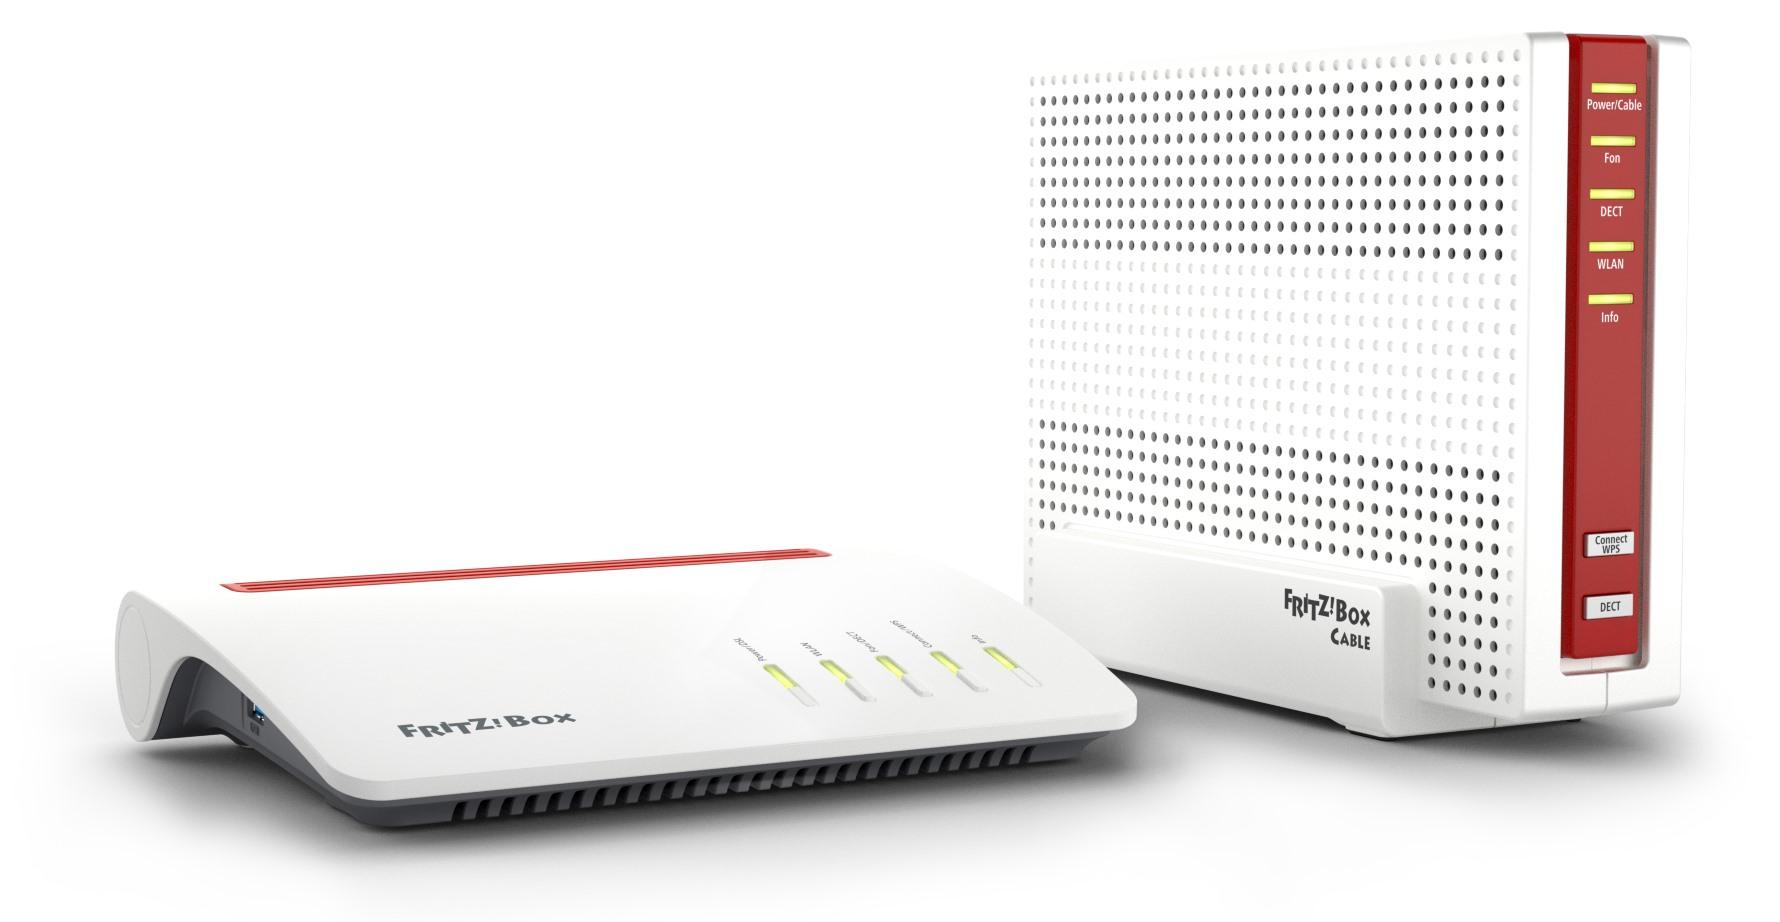 FritzBox 7590 und 6590 Cable mit Gbit-WiFi und Supervectoring ...